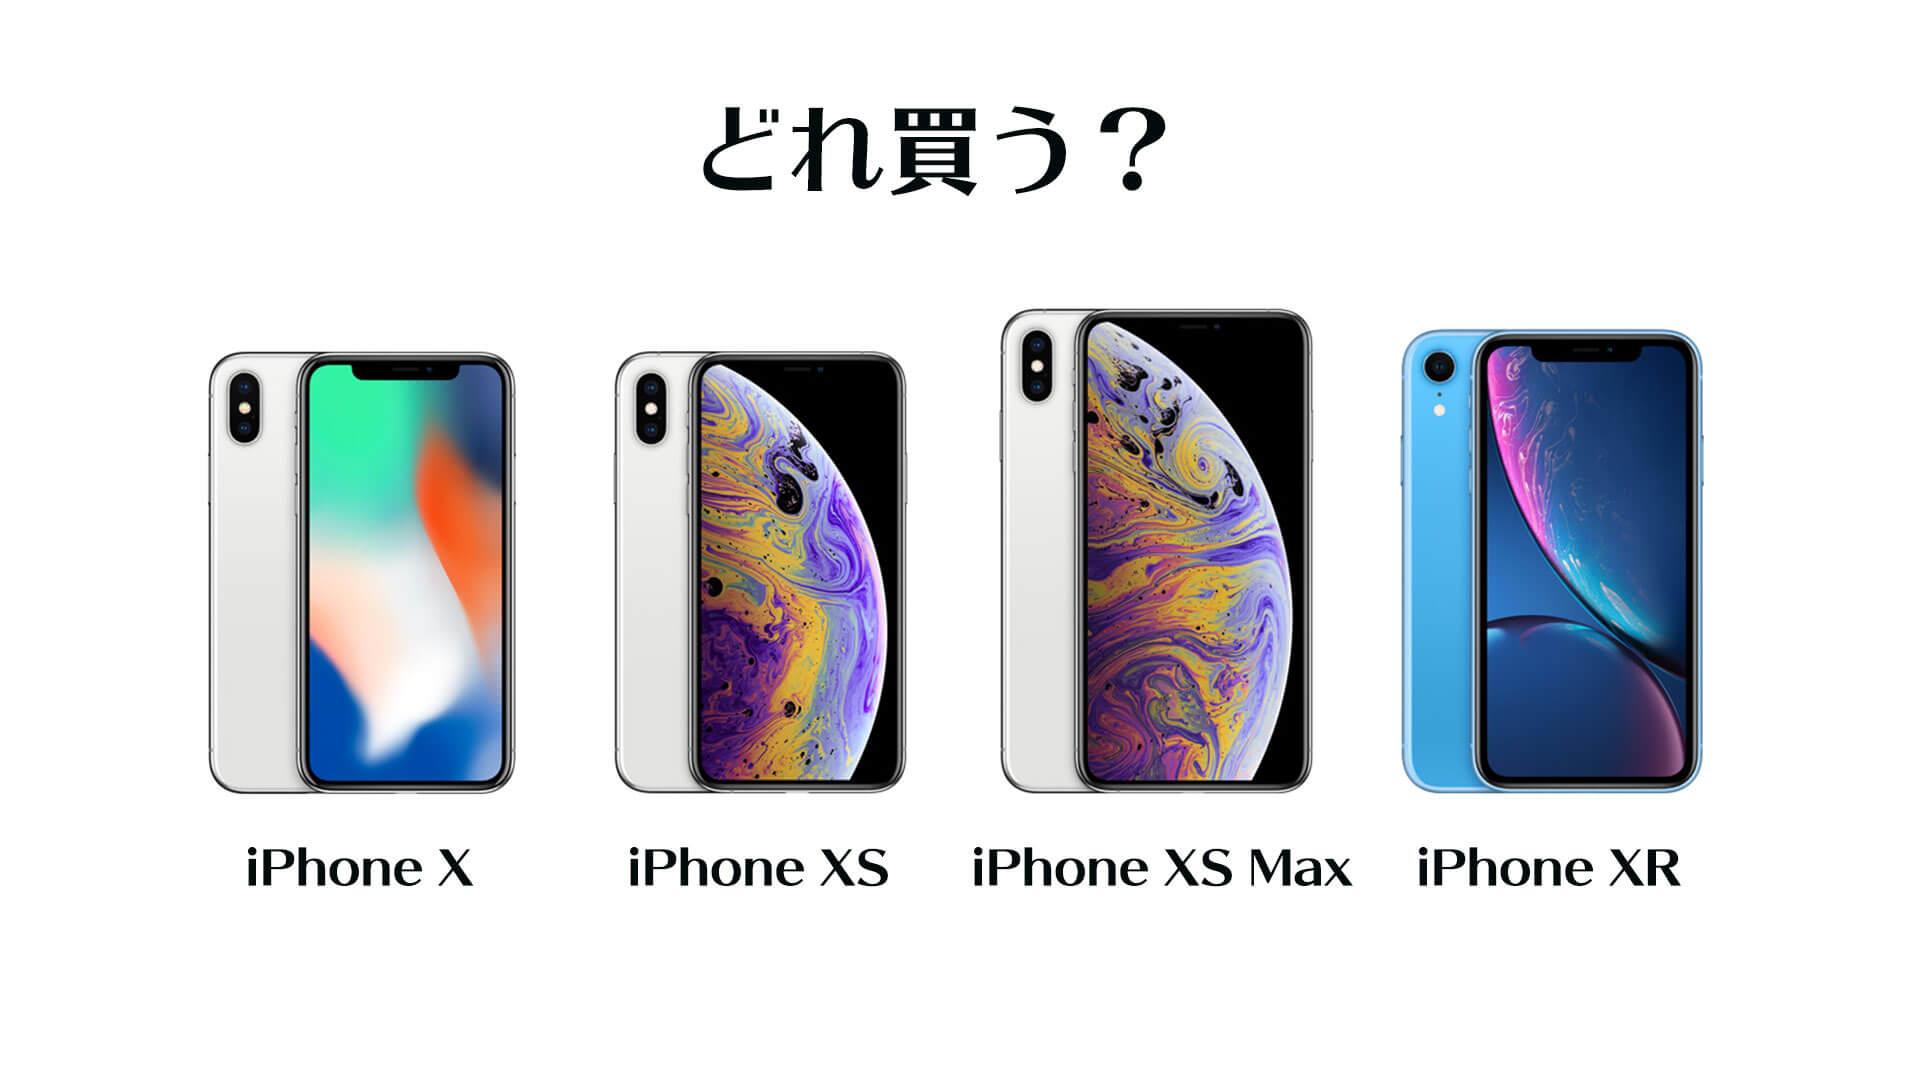 iPhone X / XS / XS Max / XR、どれを買うべき?スペックを比較して考えてみた。